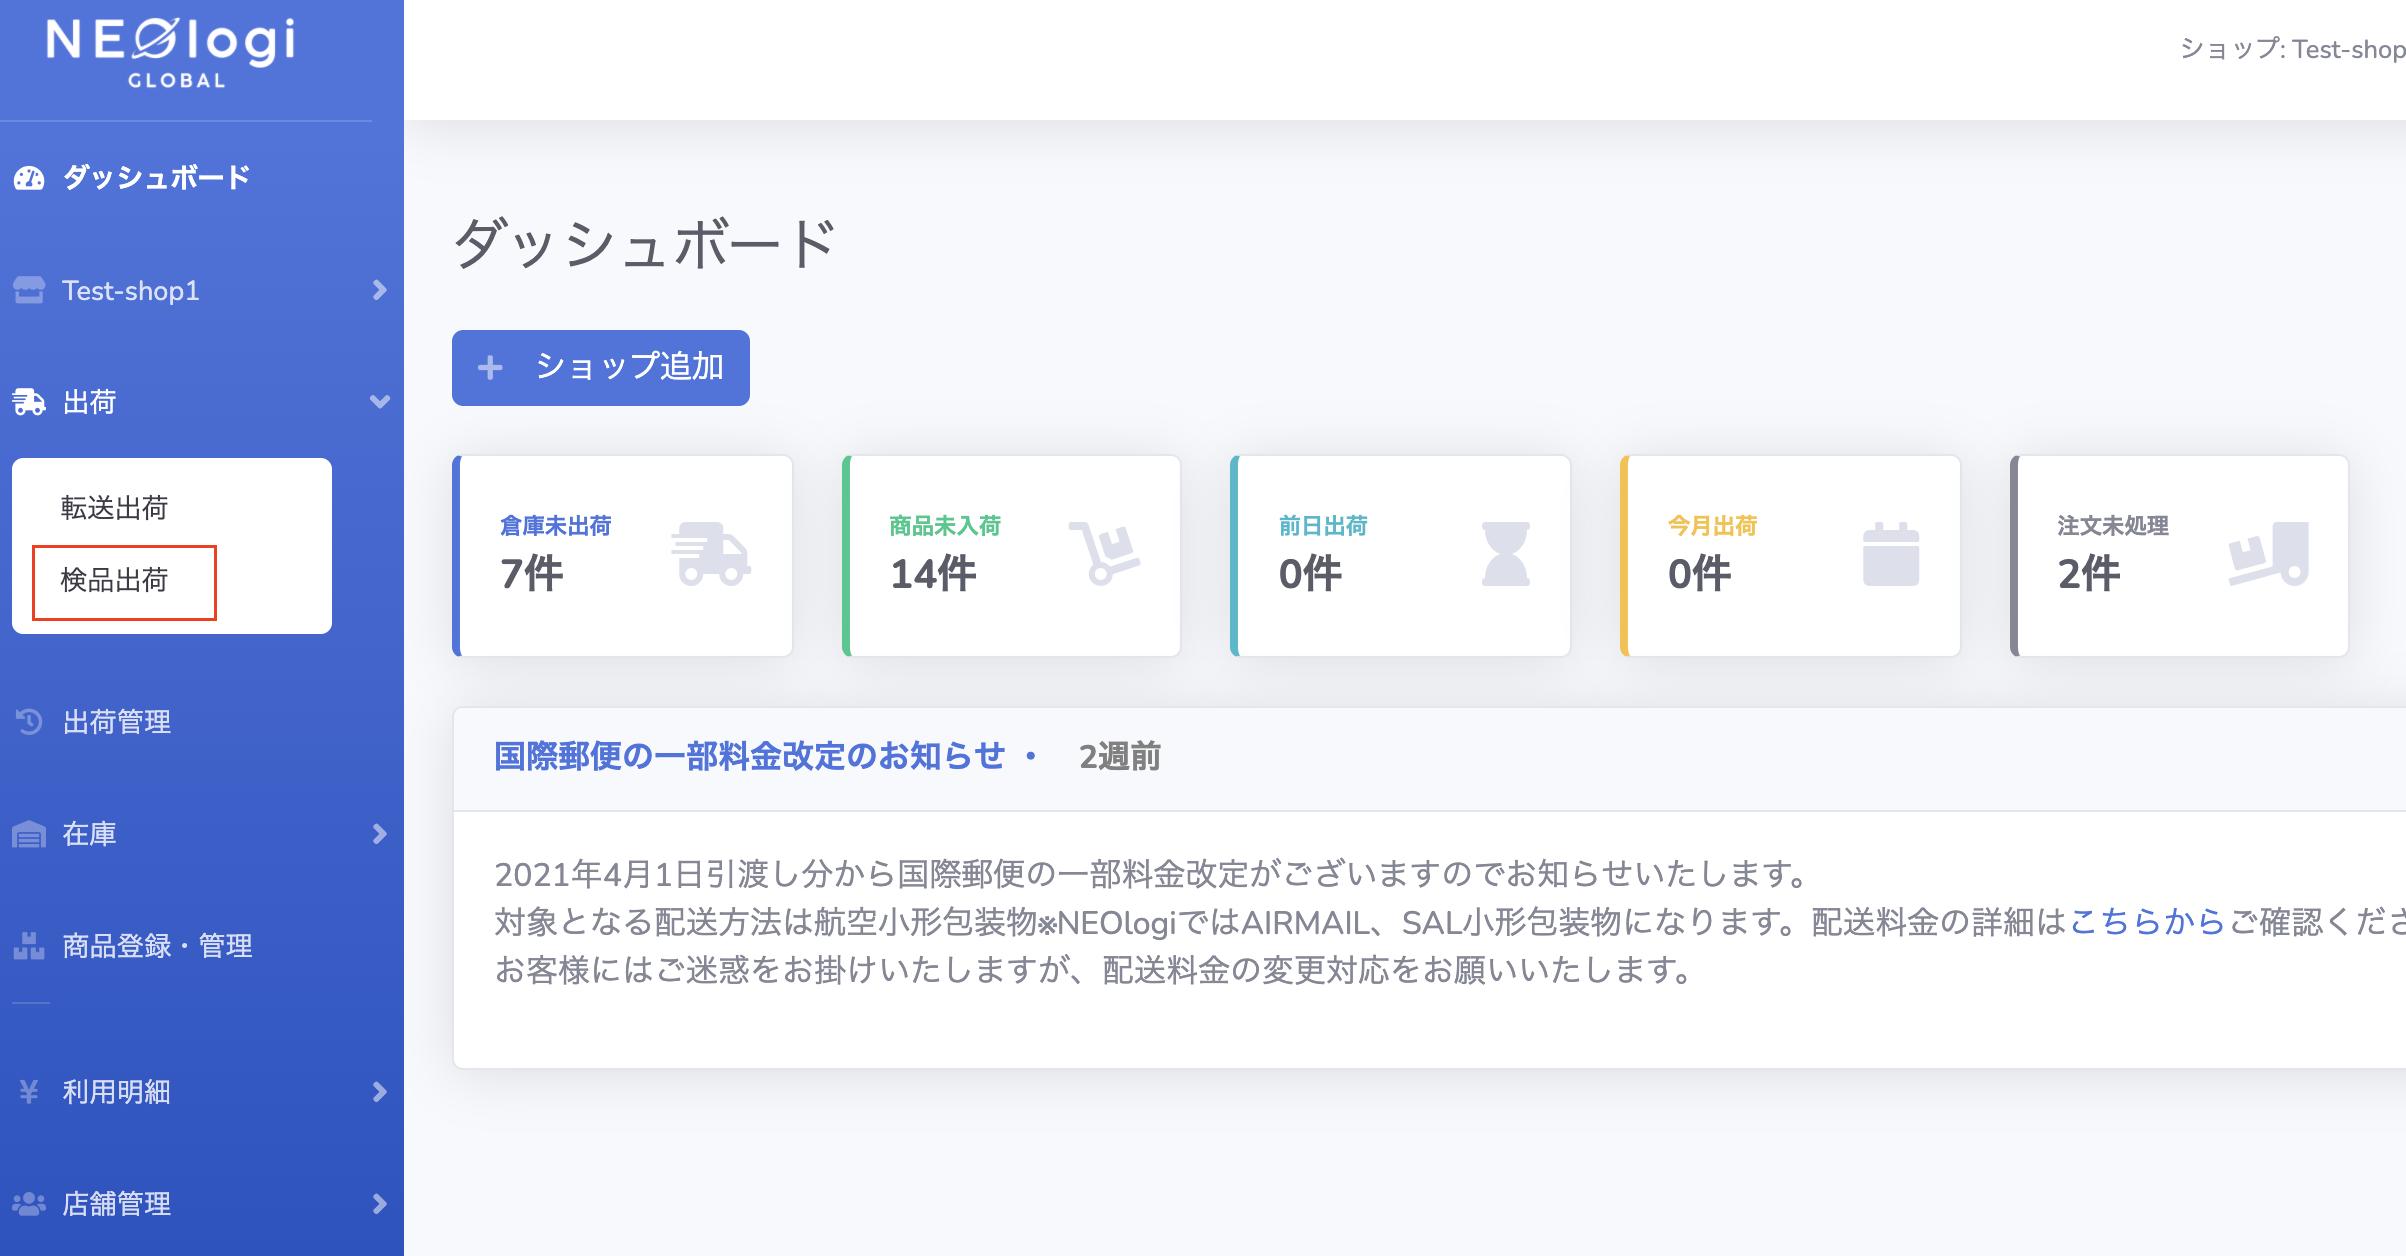 スクリーンショット 2021-04-13 17.36.24.png